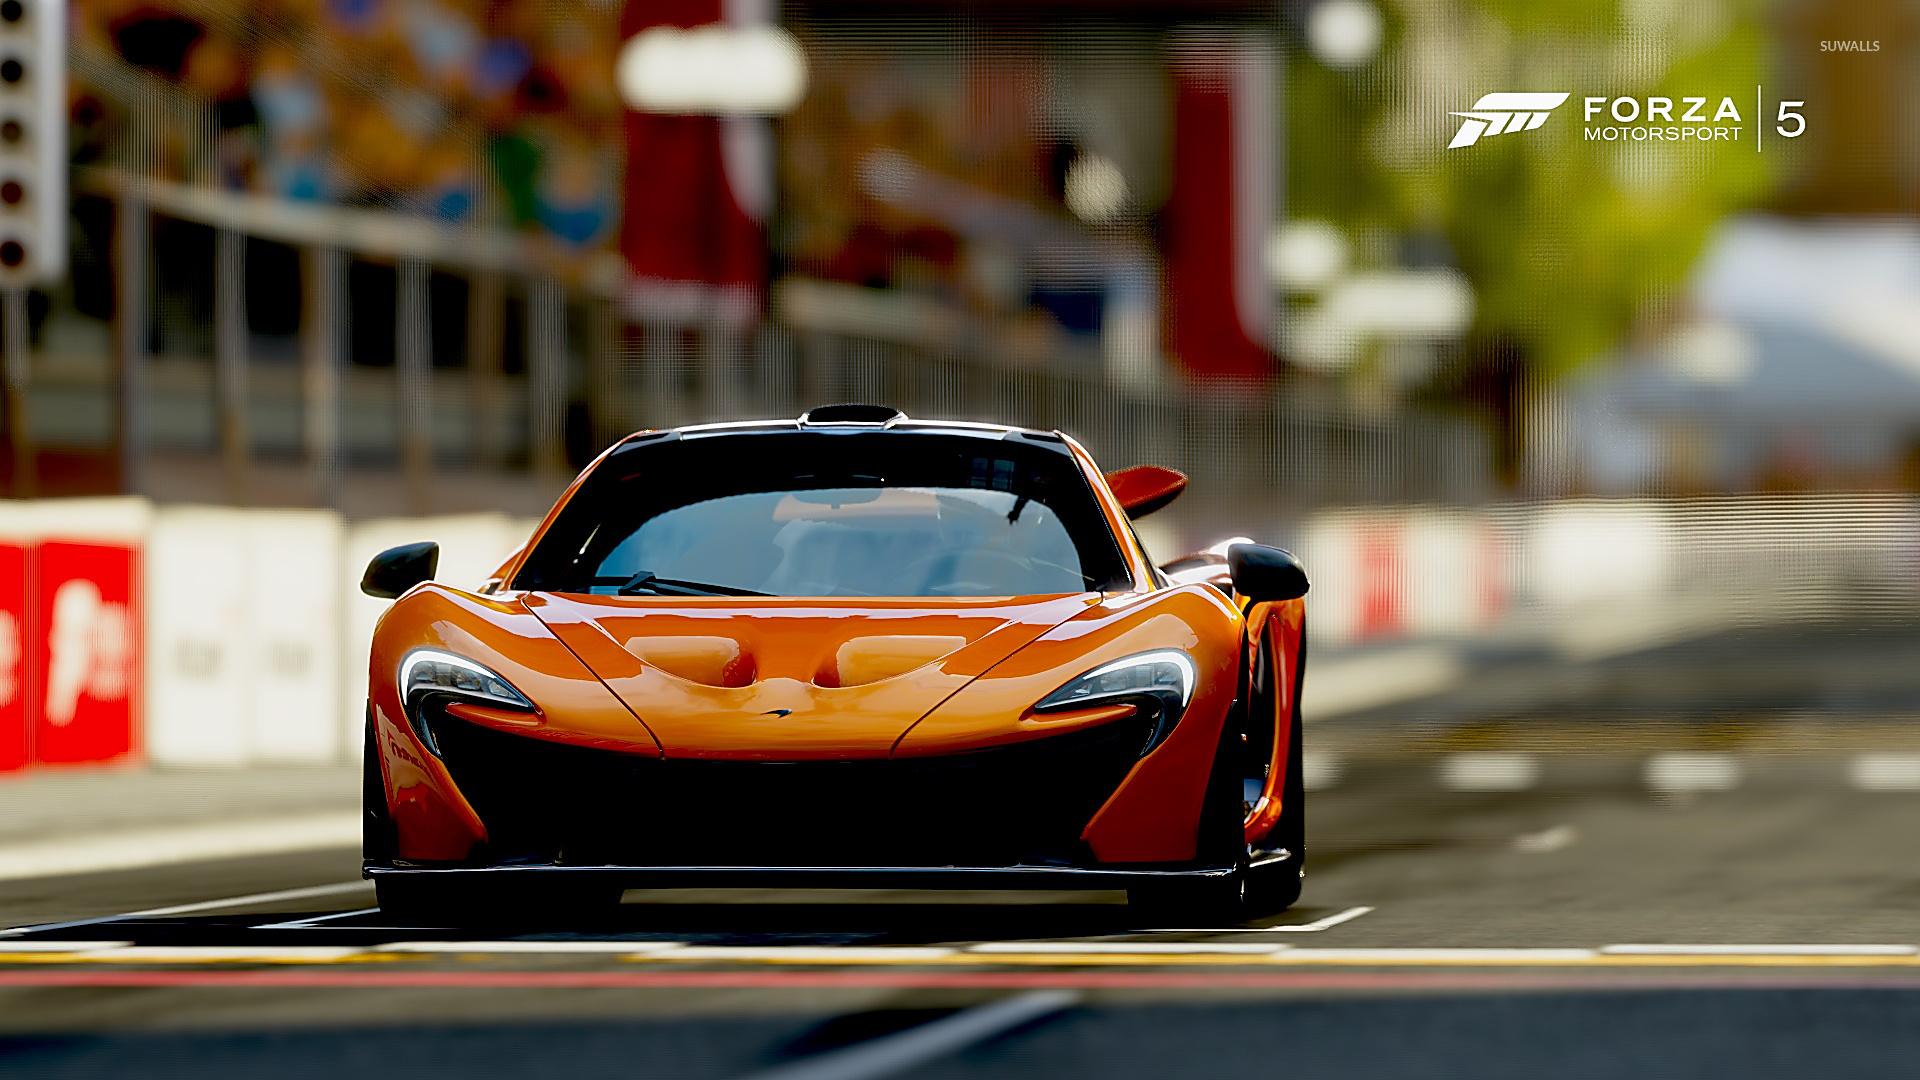 McLaren P1   Forza Motorsport 5 wallpaper   Game wallpapers   28222 1920x1080